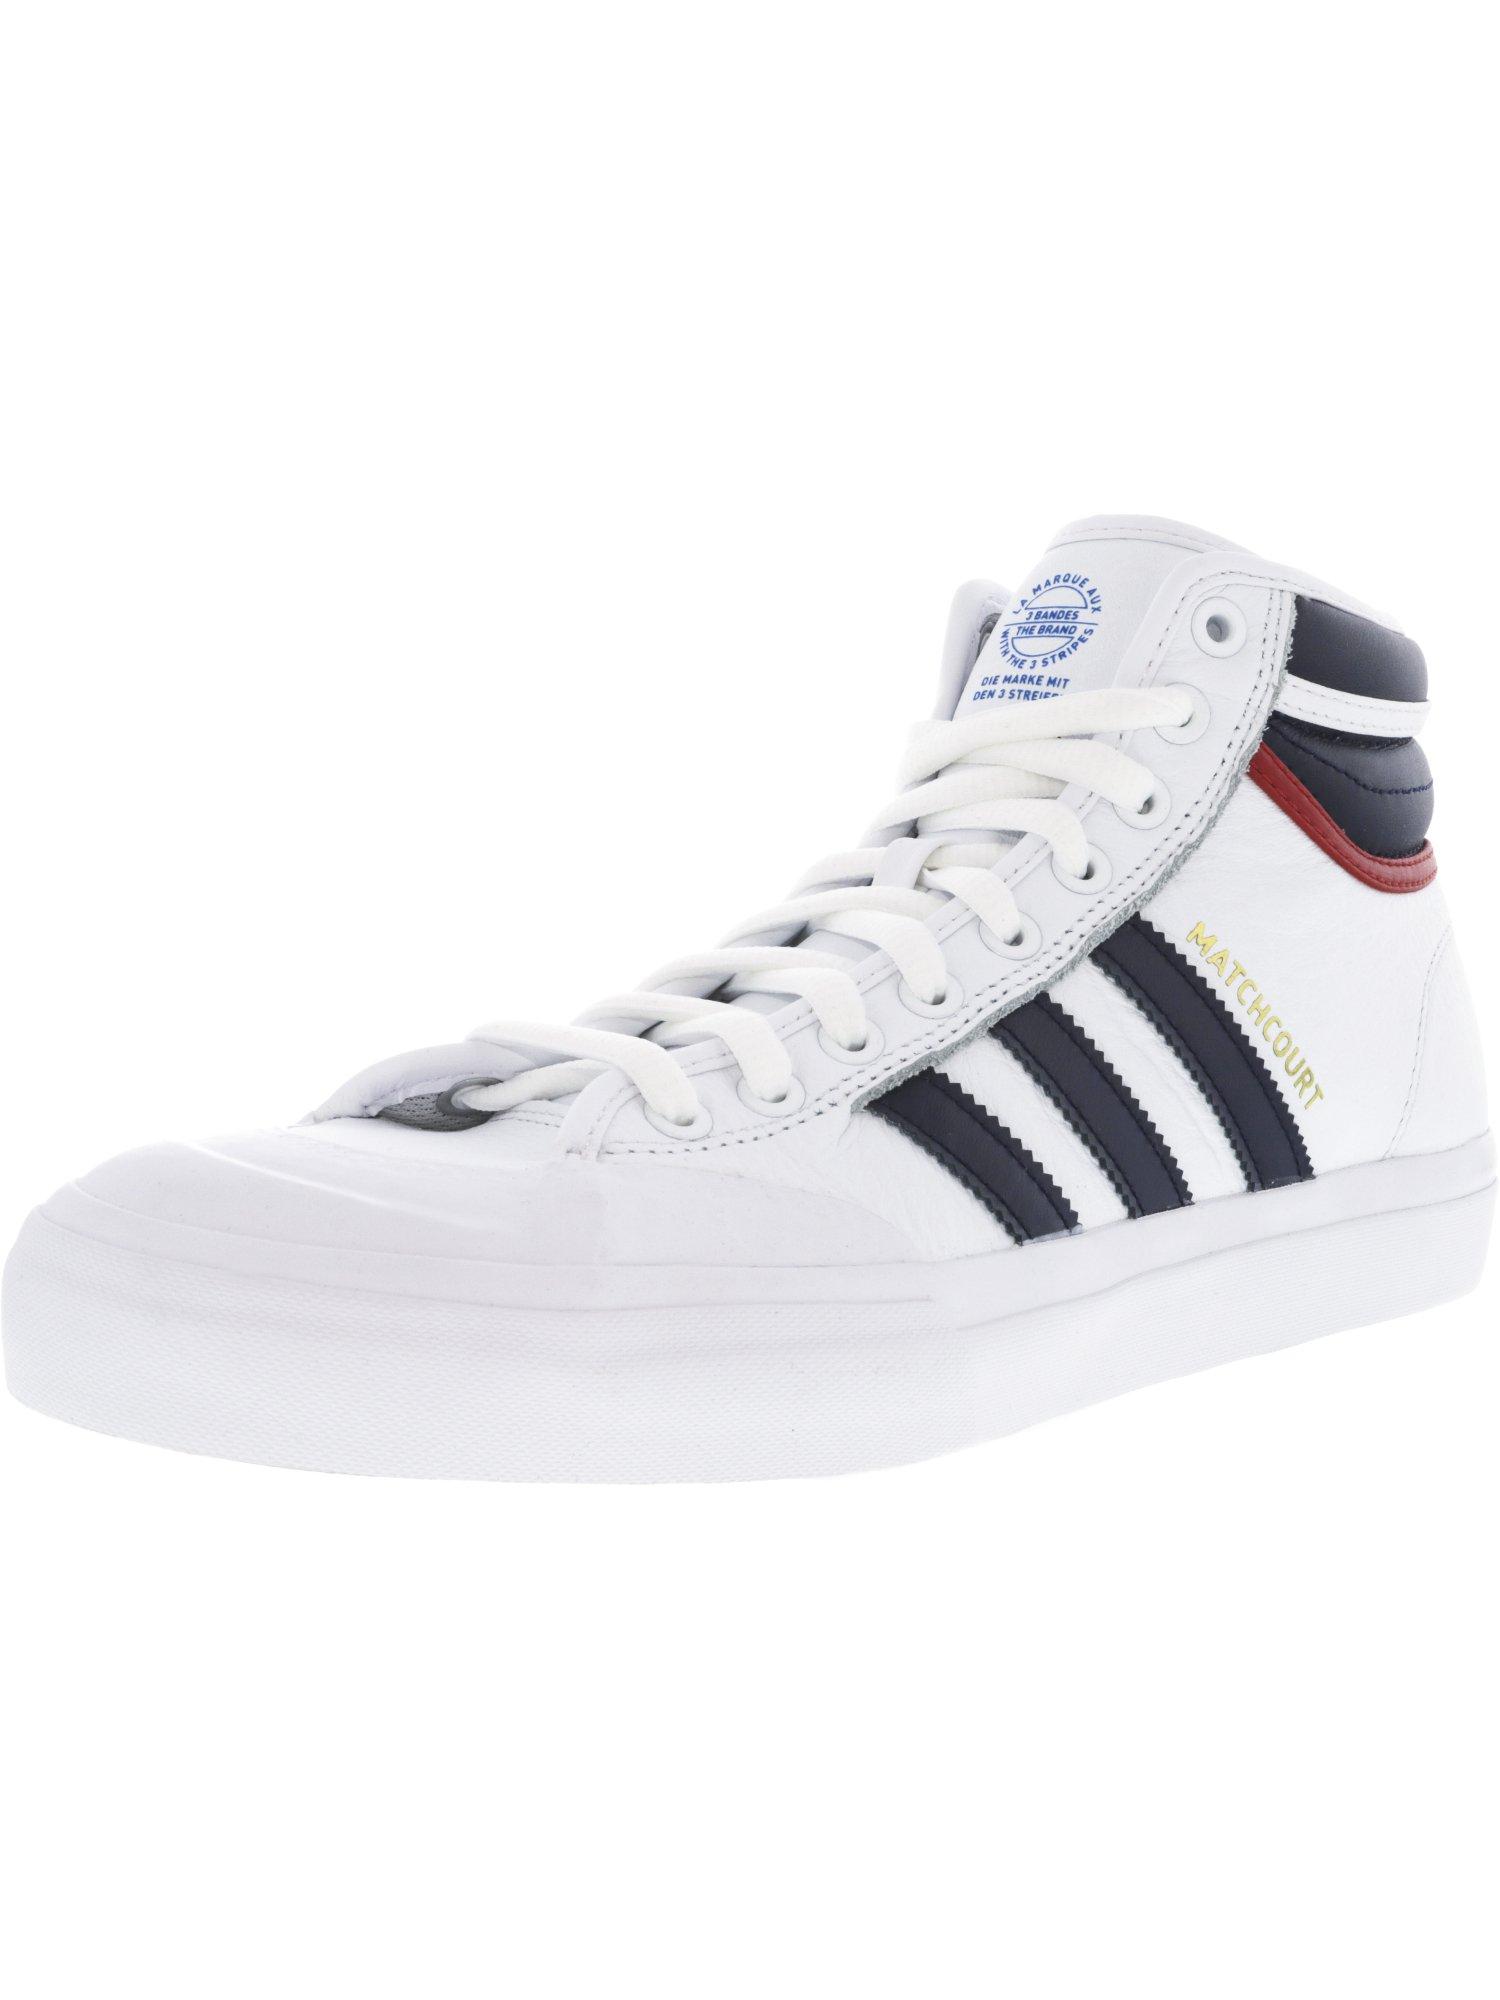 adidas männer matchcourt hohe rx knöchel hohen stoff sneaker mode ebay